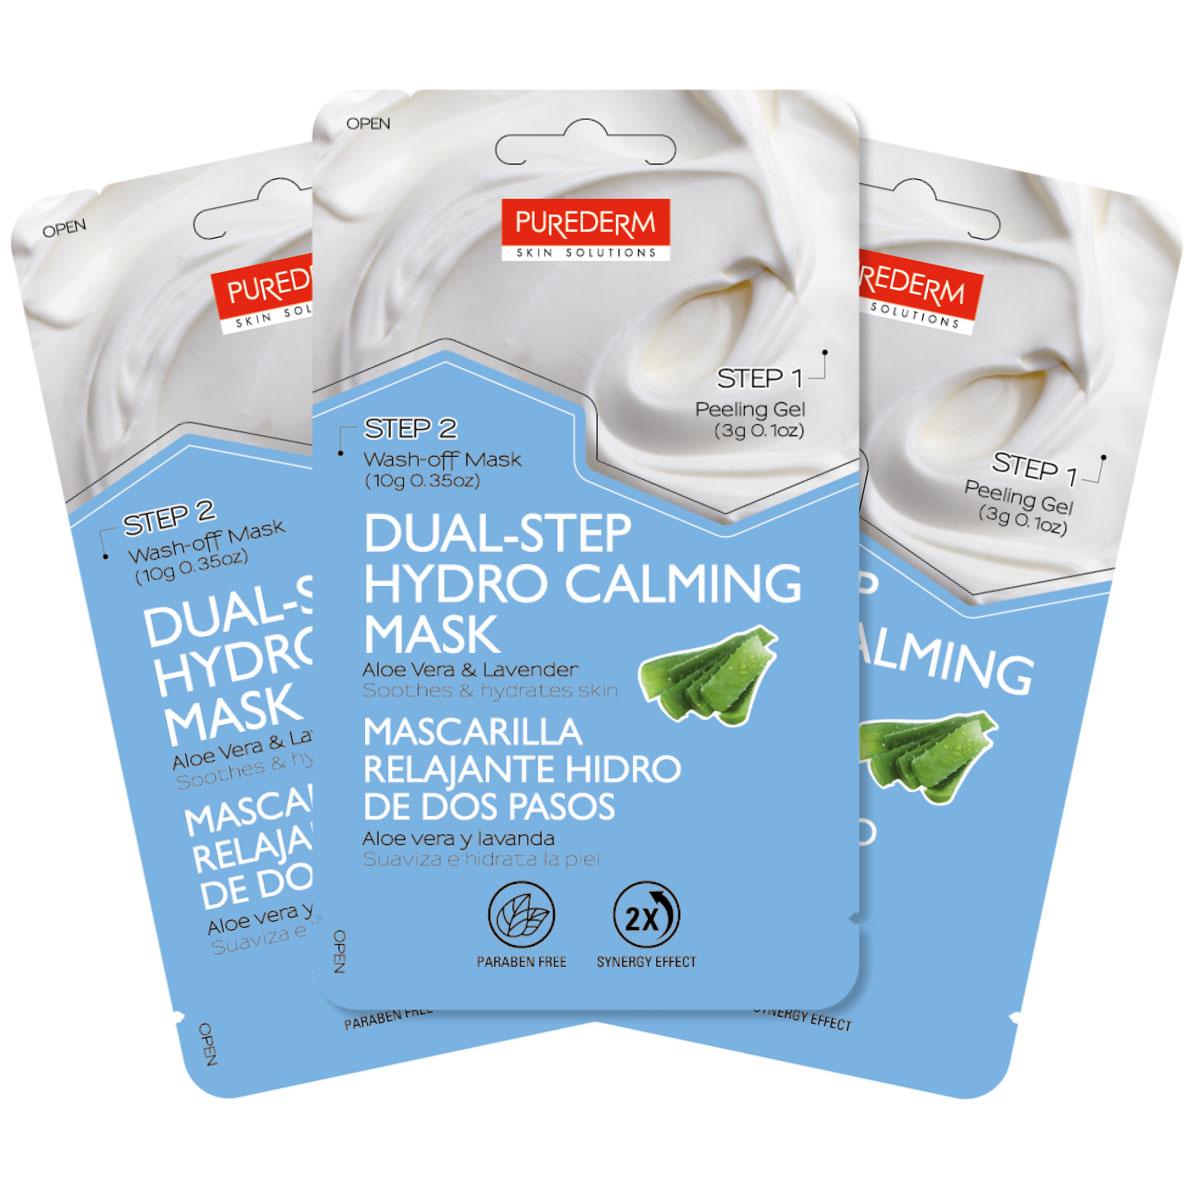 Purederm Набор Двойной уход: Отшелушивающий гель, 3 г, + Успокаивающая маска с алое и лавандой, 10 гFS-54114Сочетает в себе преимущества глубокого очищения и увлажнения для достижения максимального результата. Отшелушивающий гель (Шаг 1) содержит экстракты апельсина, лимона и яблока, отлично очищает поры, нежно отшелушивает и разглаживает поверхность кожи, что повышает эффективность увлажняющей маски.(Шаг 2): Успокаивающая маска с алое и лавандой: в состав входят эффективные увлажняющие компоненты, такие как алоэ вера, лаванда и растительный комплекс, которые наполняют влагой и успокаивают кожу. Маска мгновенно впитывается, насыщая кожу питательными веществами и защищает кожу от сухости, делая ее более сияющей.Не содержит парабены, минеральные масла, тальк, силикон и SLS, которые вызывают раздражение кожи.